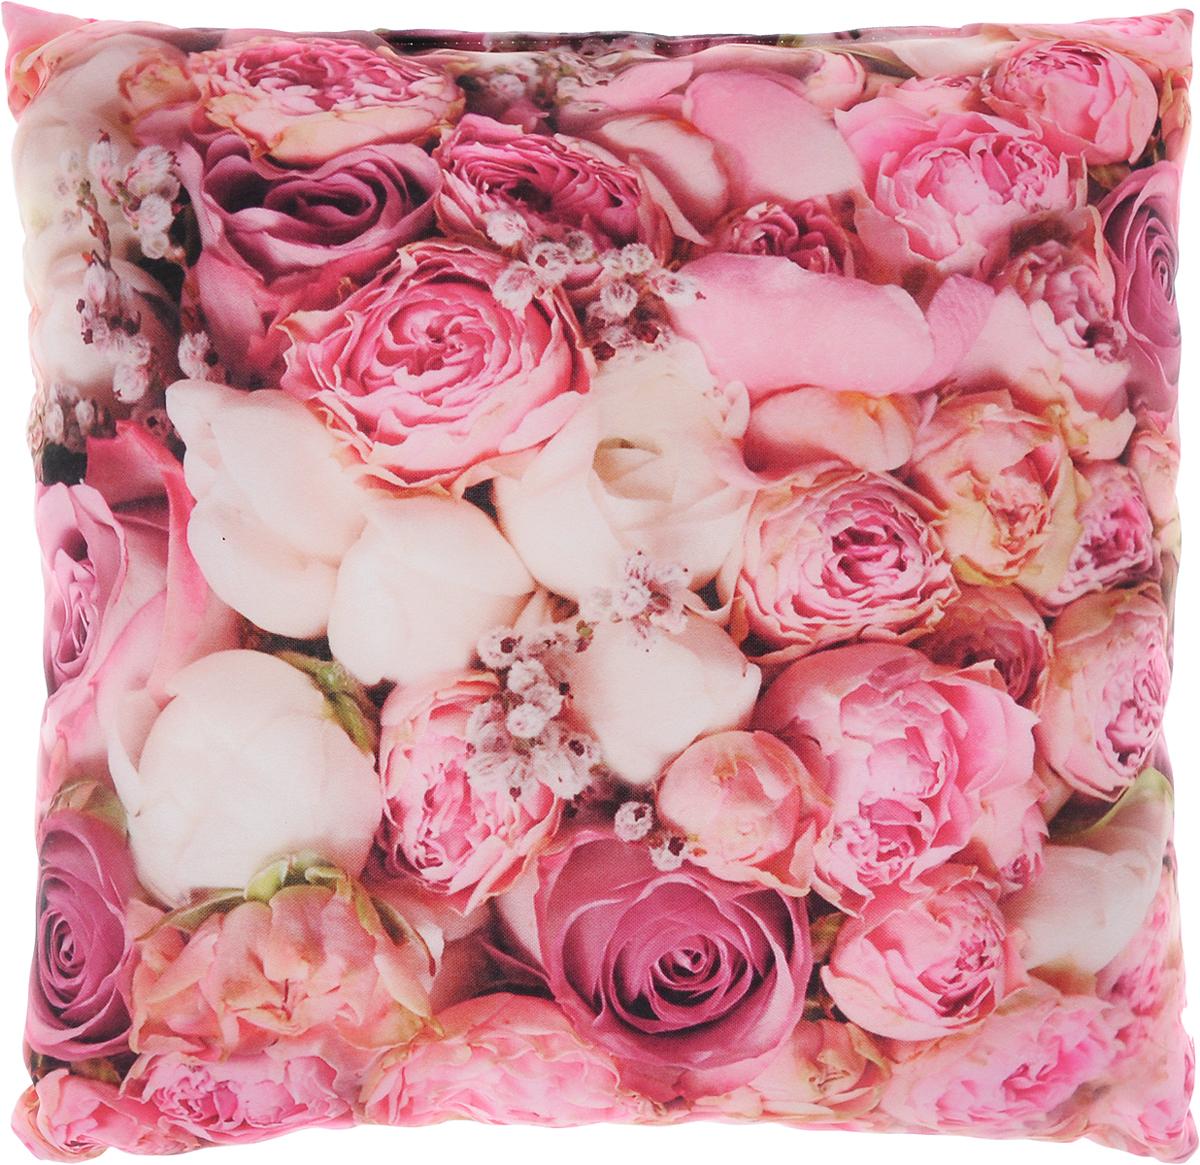 Подушка декоративная Сирень Очарование, 40 х 40 см01134-ПШ-ГБ-012Декоративная подушка Сирень Очарование, изготовленная из габардина (100% полиэстер), прекрасно дополнит интерьер спальни или гостиной. Подушка оформлена красочным изображением цветов. Внутри - мягкий наполнитель из холлофайбера (100% полиэстер). Красивая подушка создаст атмосферу тепла и уюта в спальне и станет прекрасным элементом декора.